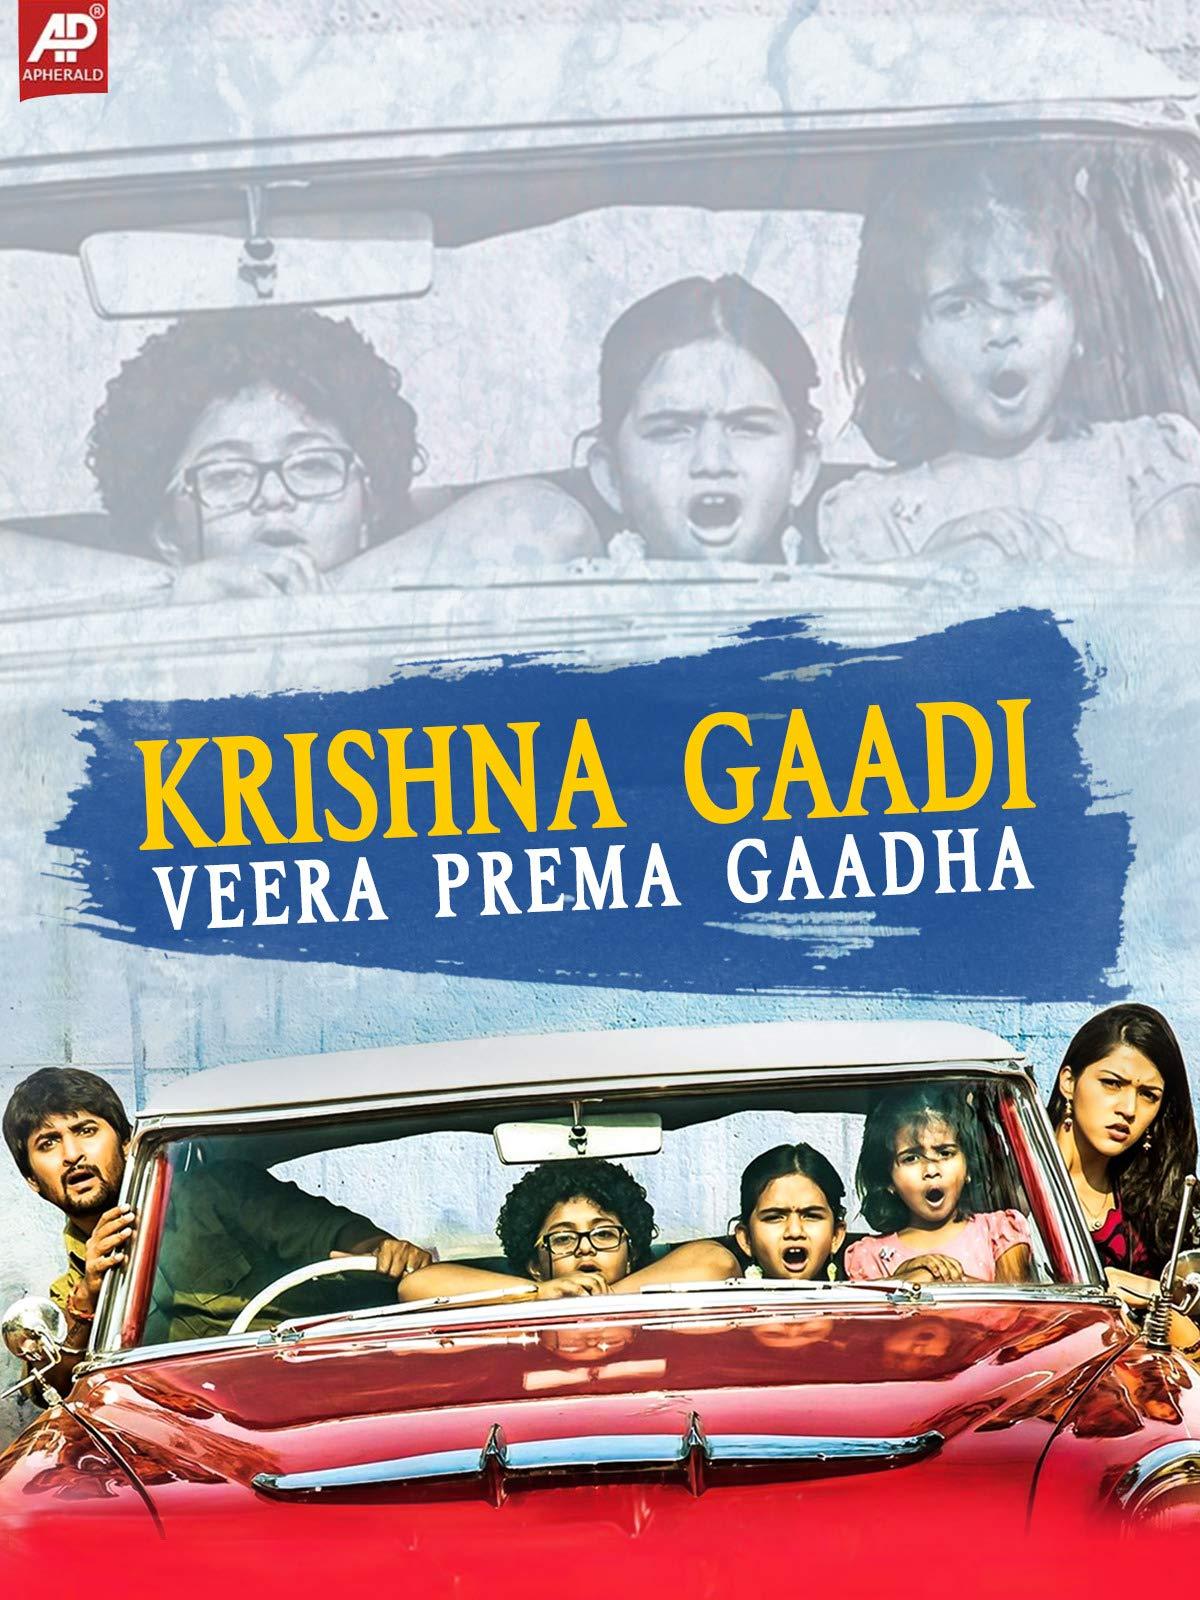 Krishna Gaadi Veera Prema Gaadha